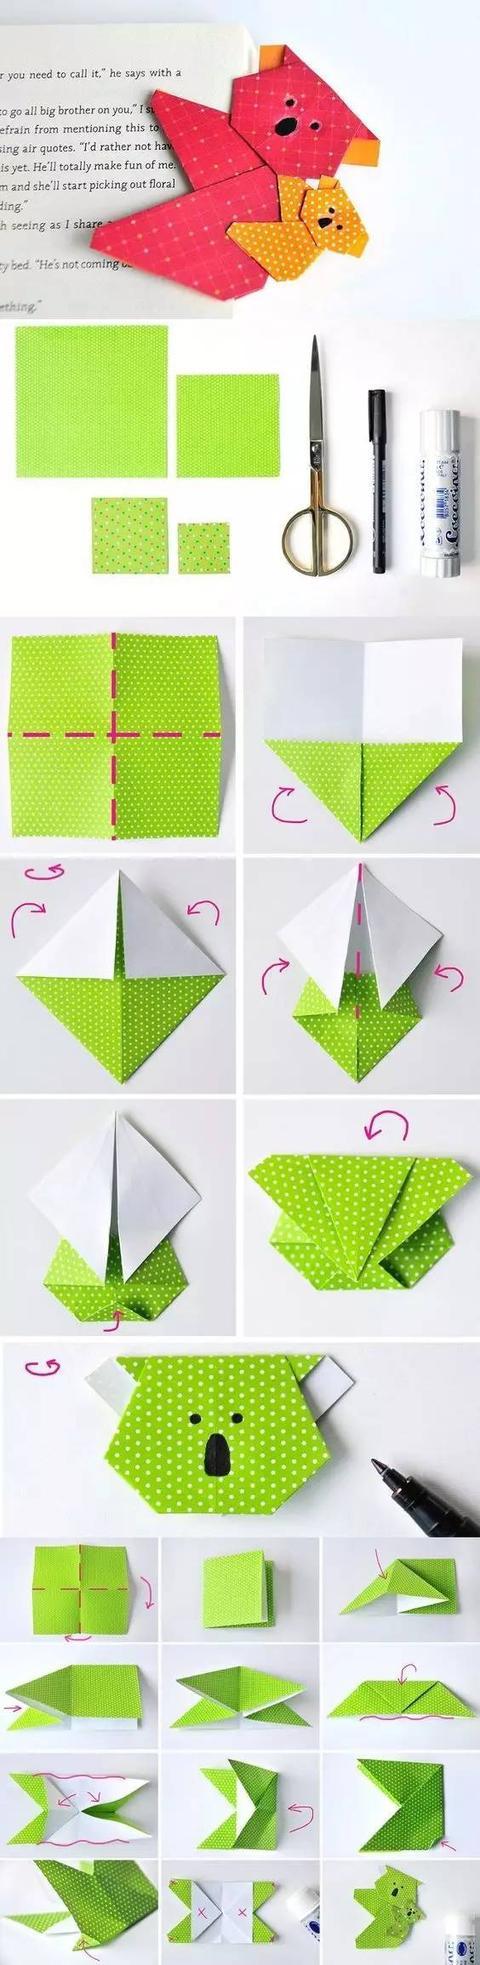 幼儿园手工折纸大全,吊饰,礼物盒等,常用又经典